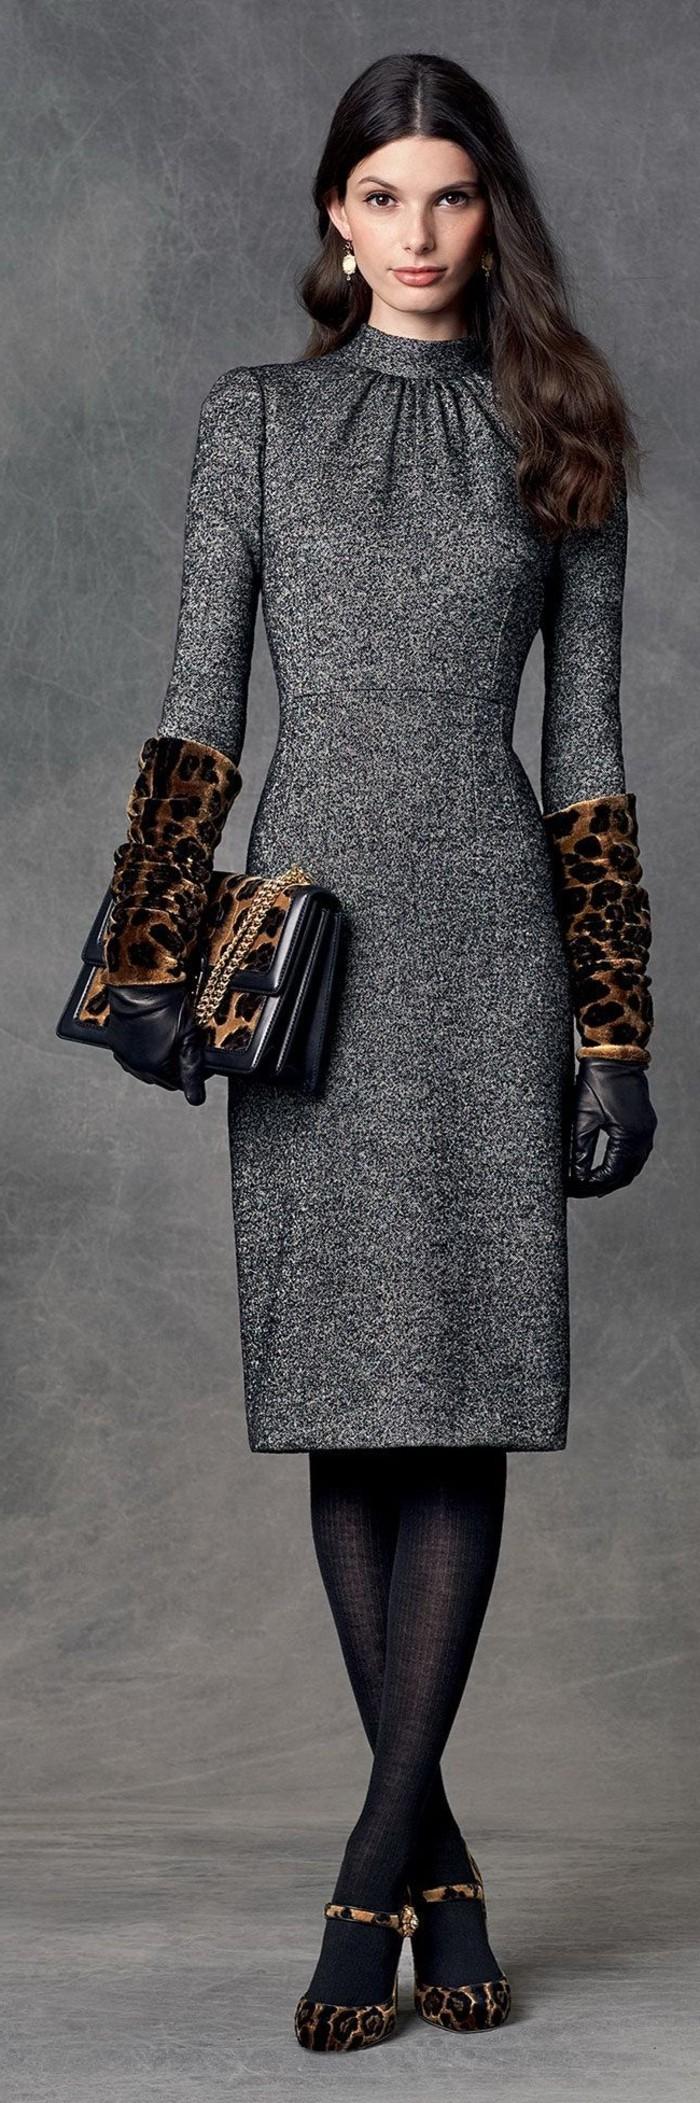 0-comment-etre-chic-avec-gants-chauffants-cuir-noir-tendances-mode-femme-gant-chauffant-design